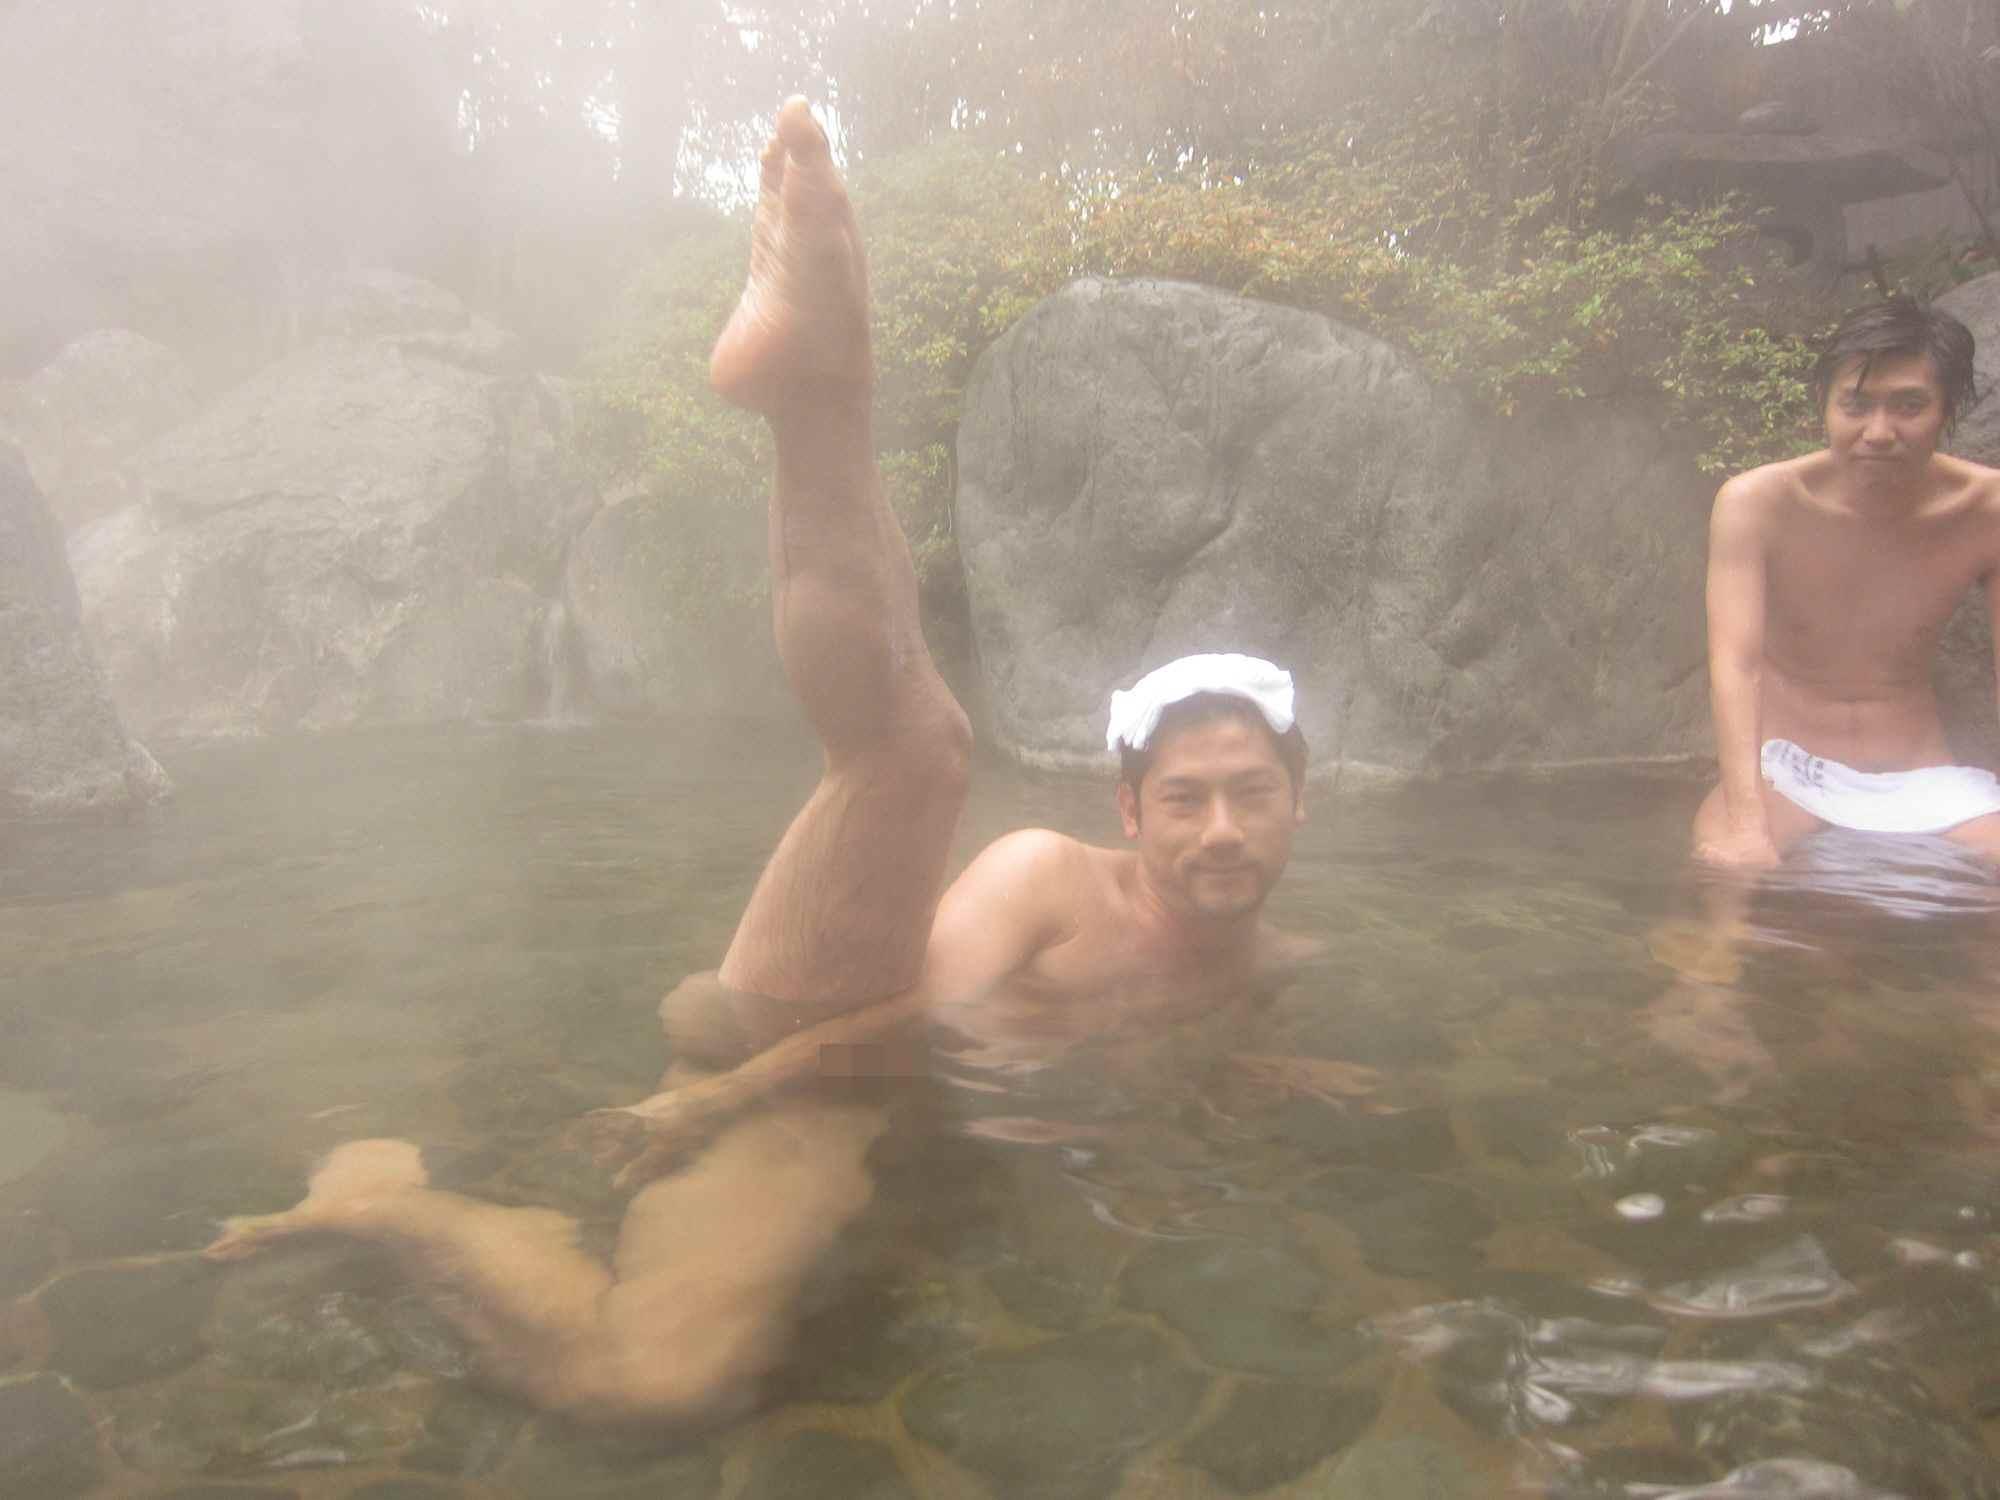 【裸】ノンケのバカ騒ぎ写真65【露出】 [転載禁止]©bbspink.comYouTube動画>17本 ->画像>608枚